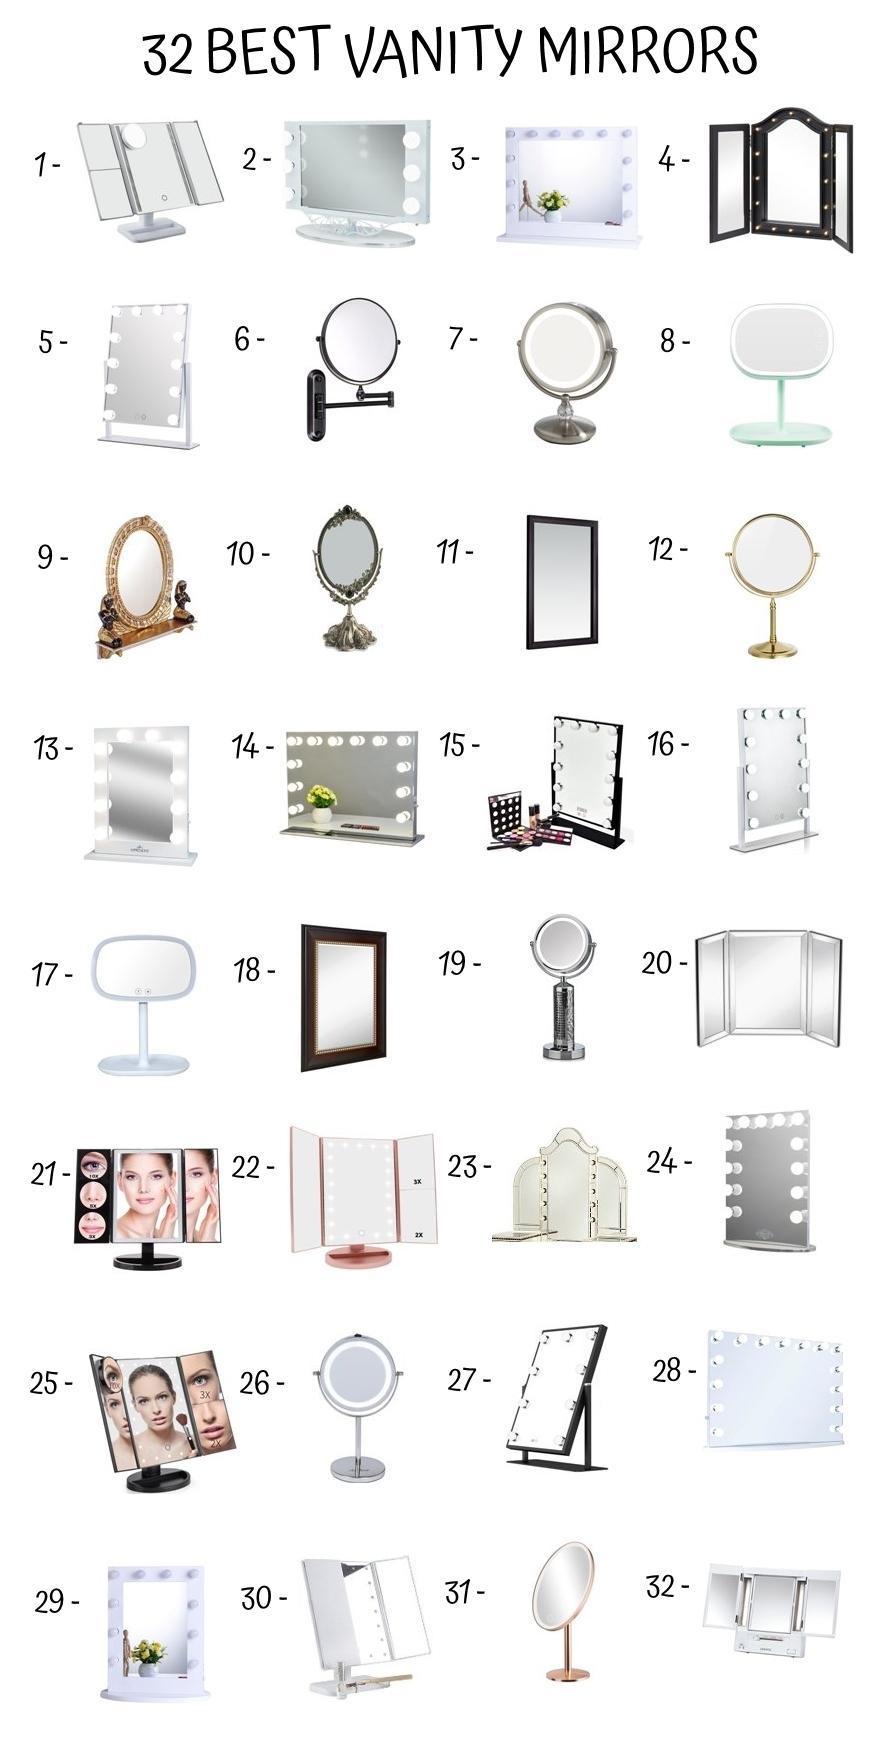 32 Best Vanity Mirrors